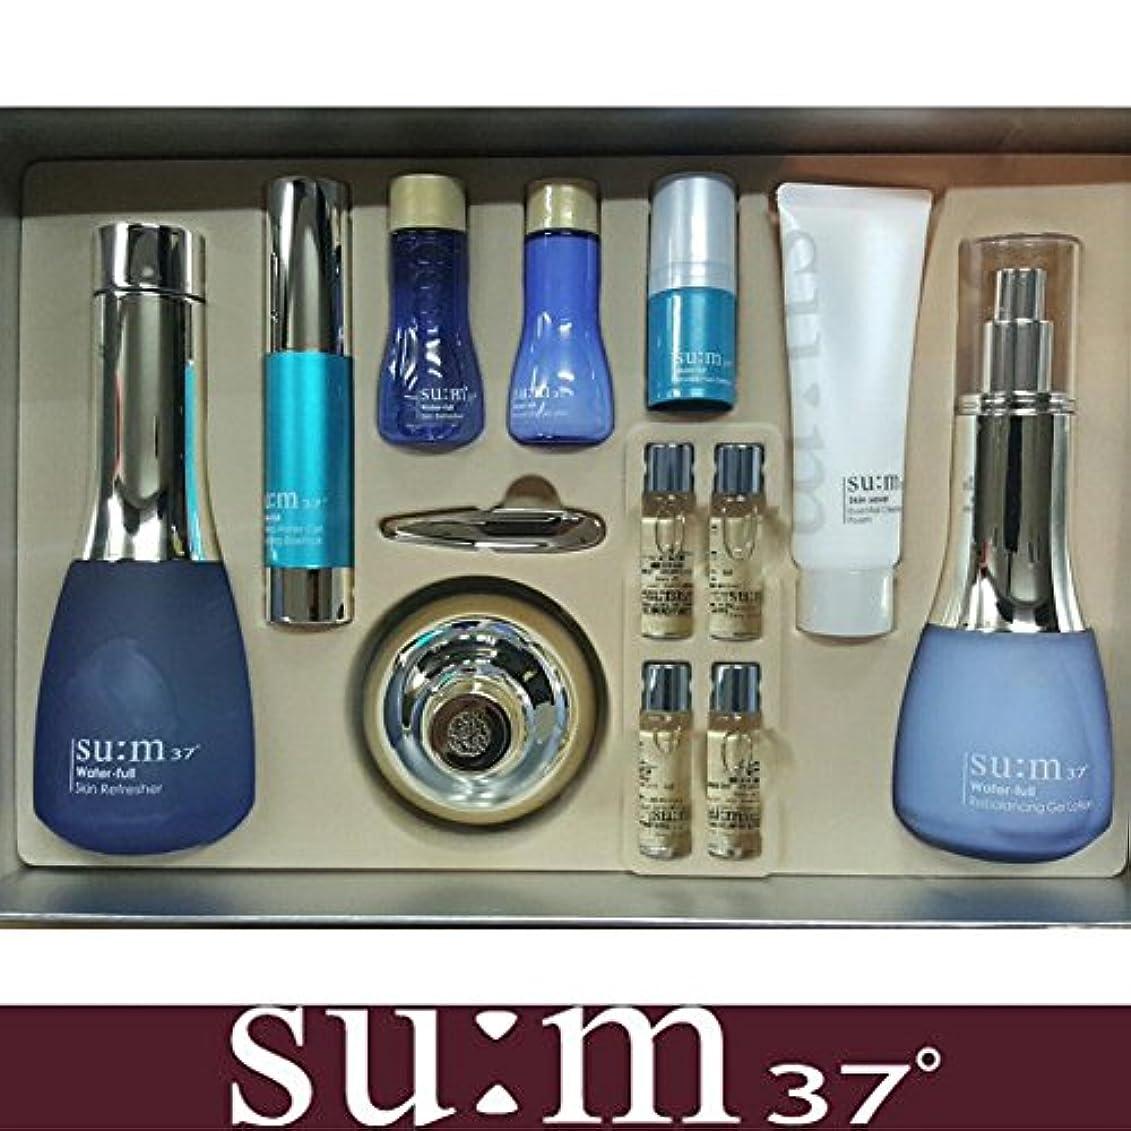 ヒューバートハドソン設計図独創的[su:m37/スム37°] SUM37 WATER FULL Special Set/ sum37 スム37 ウォーターフル 3種企画セット+[Sample Gift](海外直送品)